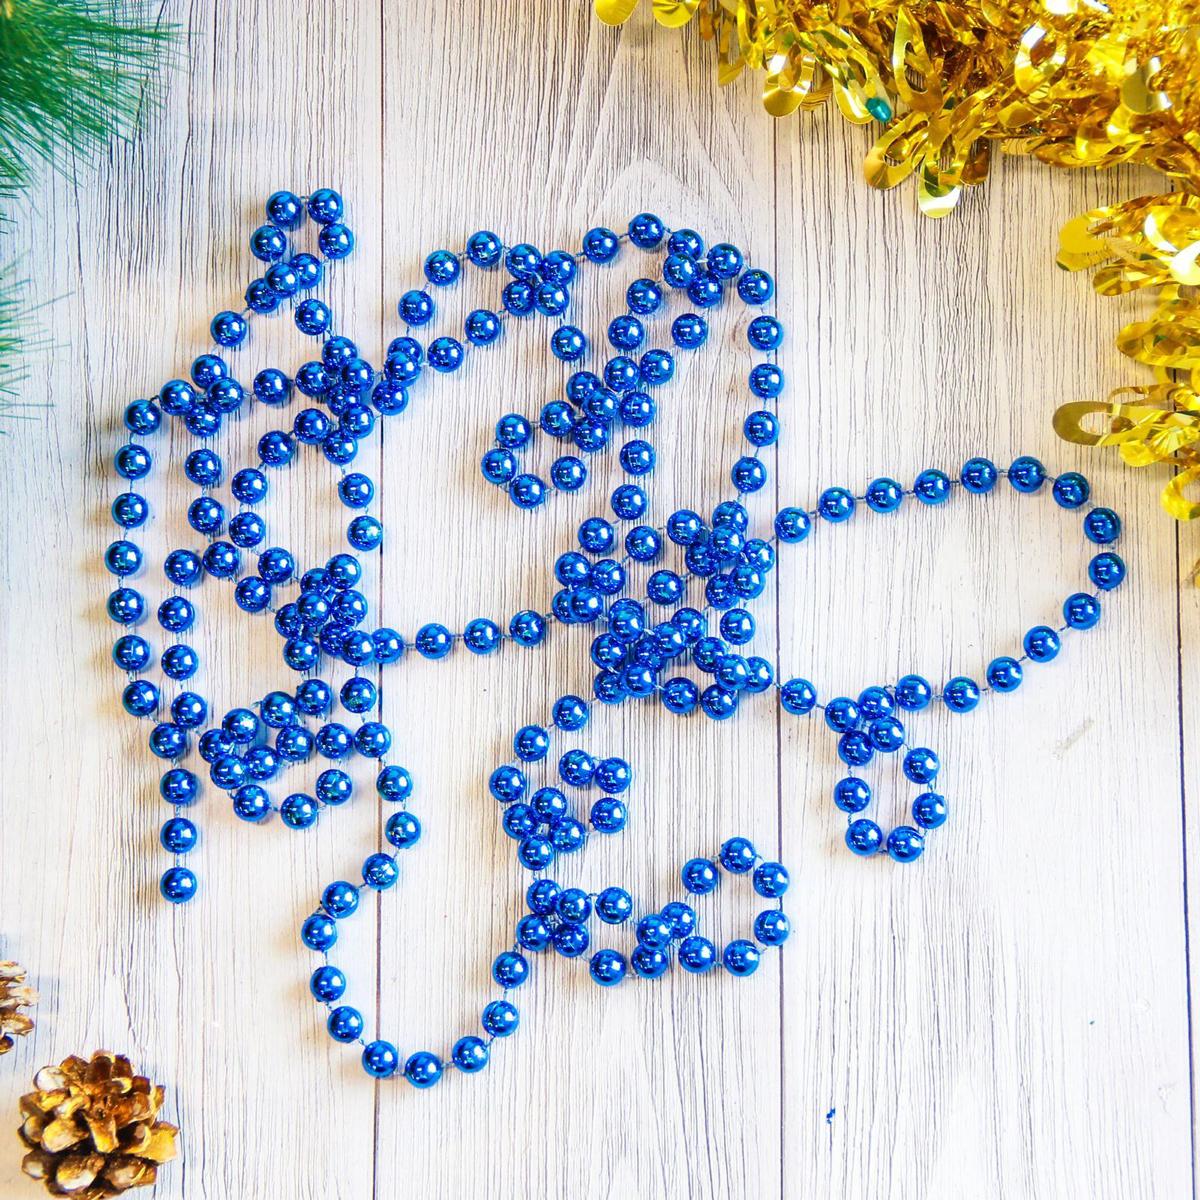 Бусы на елку Шарики, цвет: синий, диаметр 0,9 см, длина 2,7 м2371387Невозможно представить нашу жизнь без праздников! Мы всегда ждем их и предвкушаем, обдумываем, как проведем памятный день, тщательно выбираем подарки и аксессуары, ведь именно они создают и поддерживают торжественный настрой. Это отличный выбор, который привнесет атмосферу праздника в ваш дом!